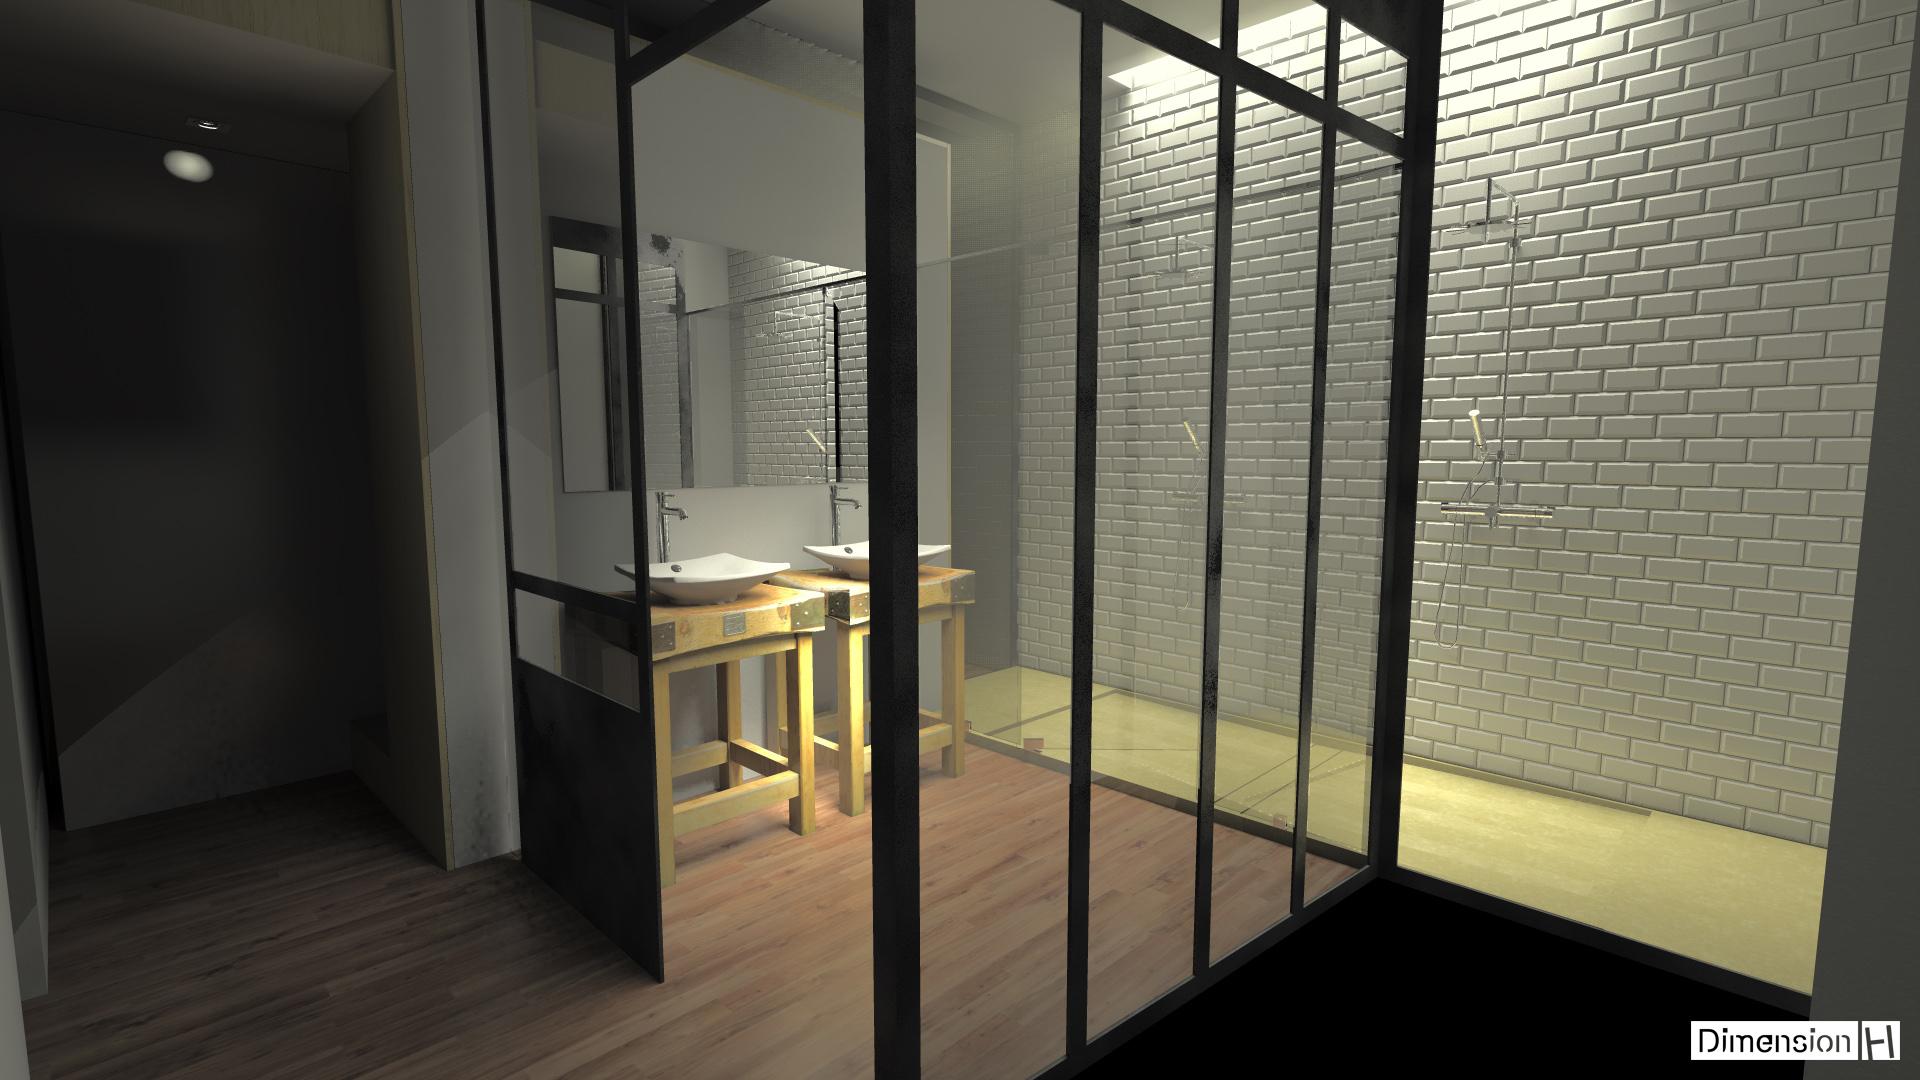 Dimension h r novation d une salle de bains atypique - Dimension d une douche ...